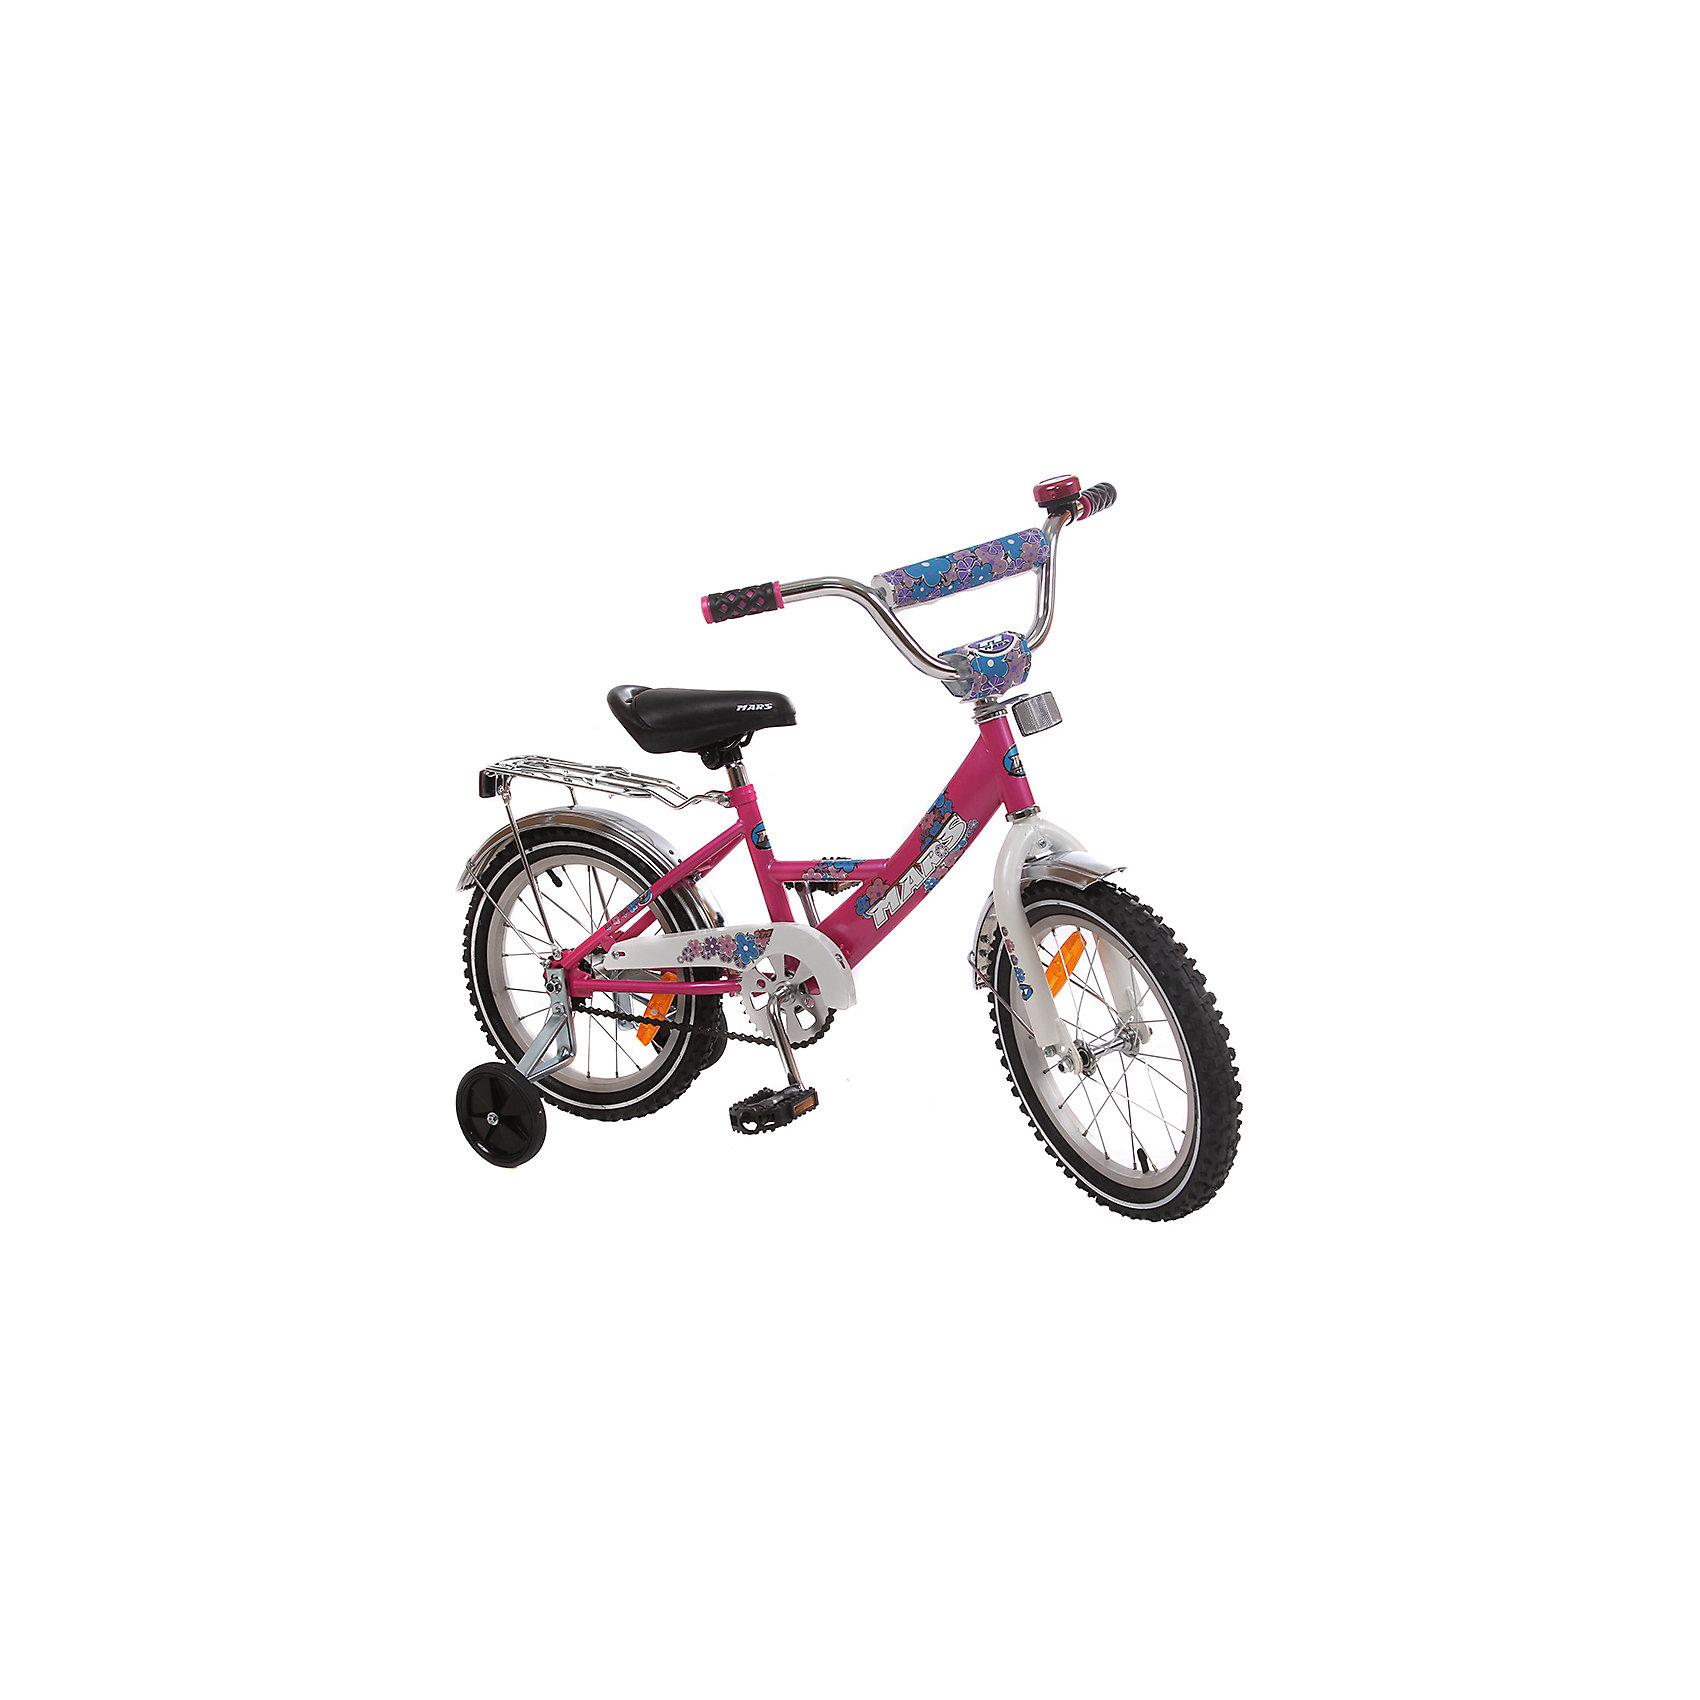 Велосипед с корзиной, MARS, темно-розовыйВелосипеды детские<br><br><br>Ширина мм: 600<br>Глубина мм: 600<br>Высота мм: 1000<br>Вес г: 13000<br>Возраст от месяцев: 36<br>Возраст до месяцев: 84<br>Пол: Унисекс<br>Возраст: Детский<br>SKU: 4785493